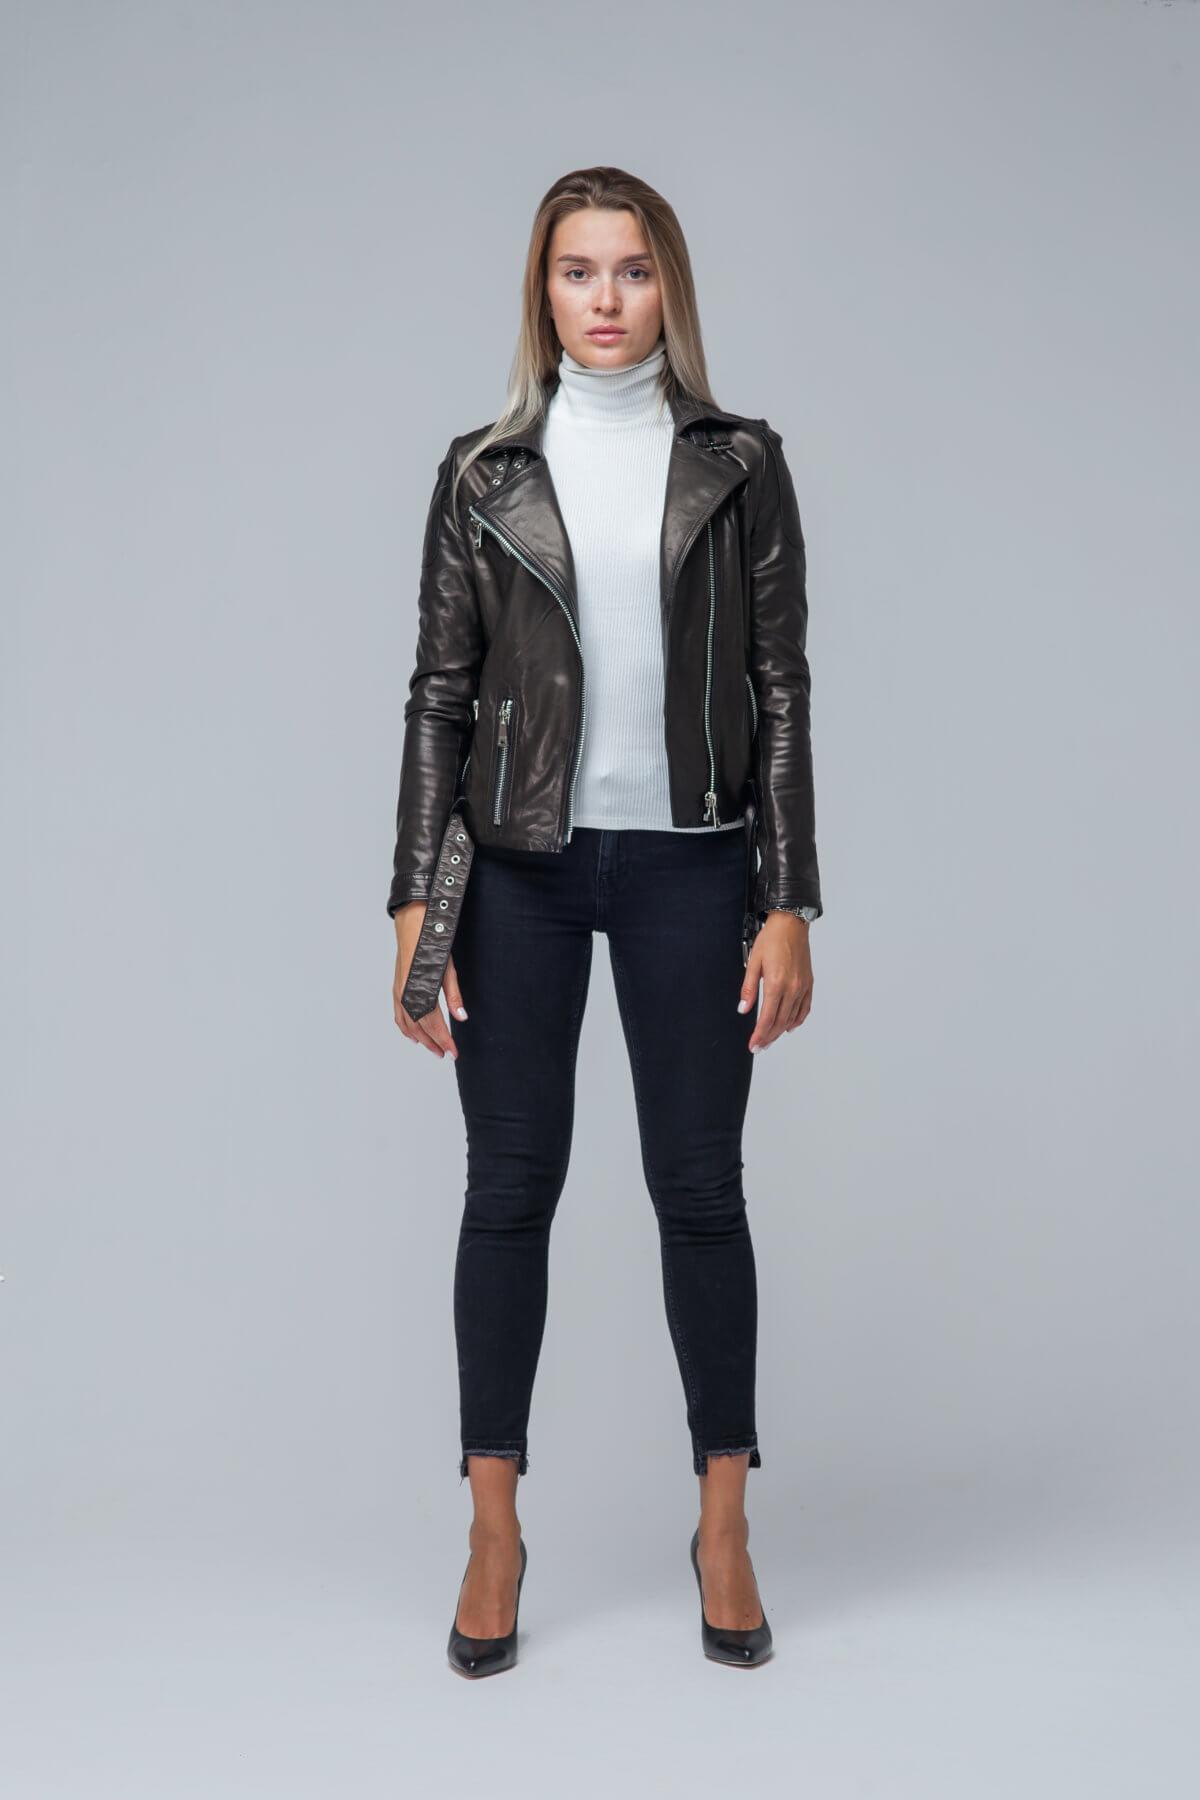 Кожаная куртка-косуха черная. Фото 6